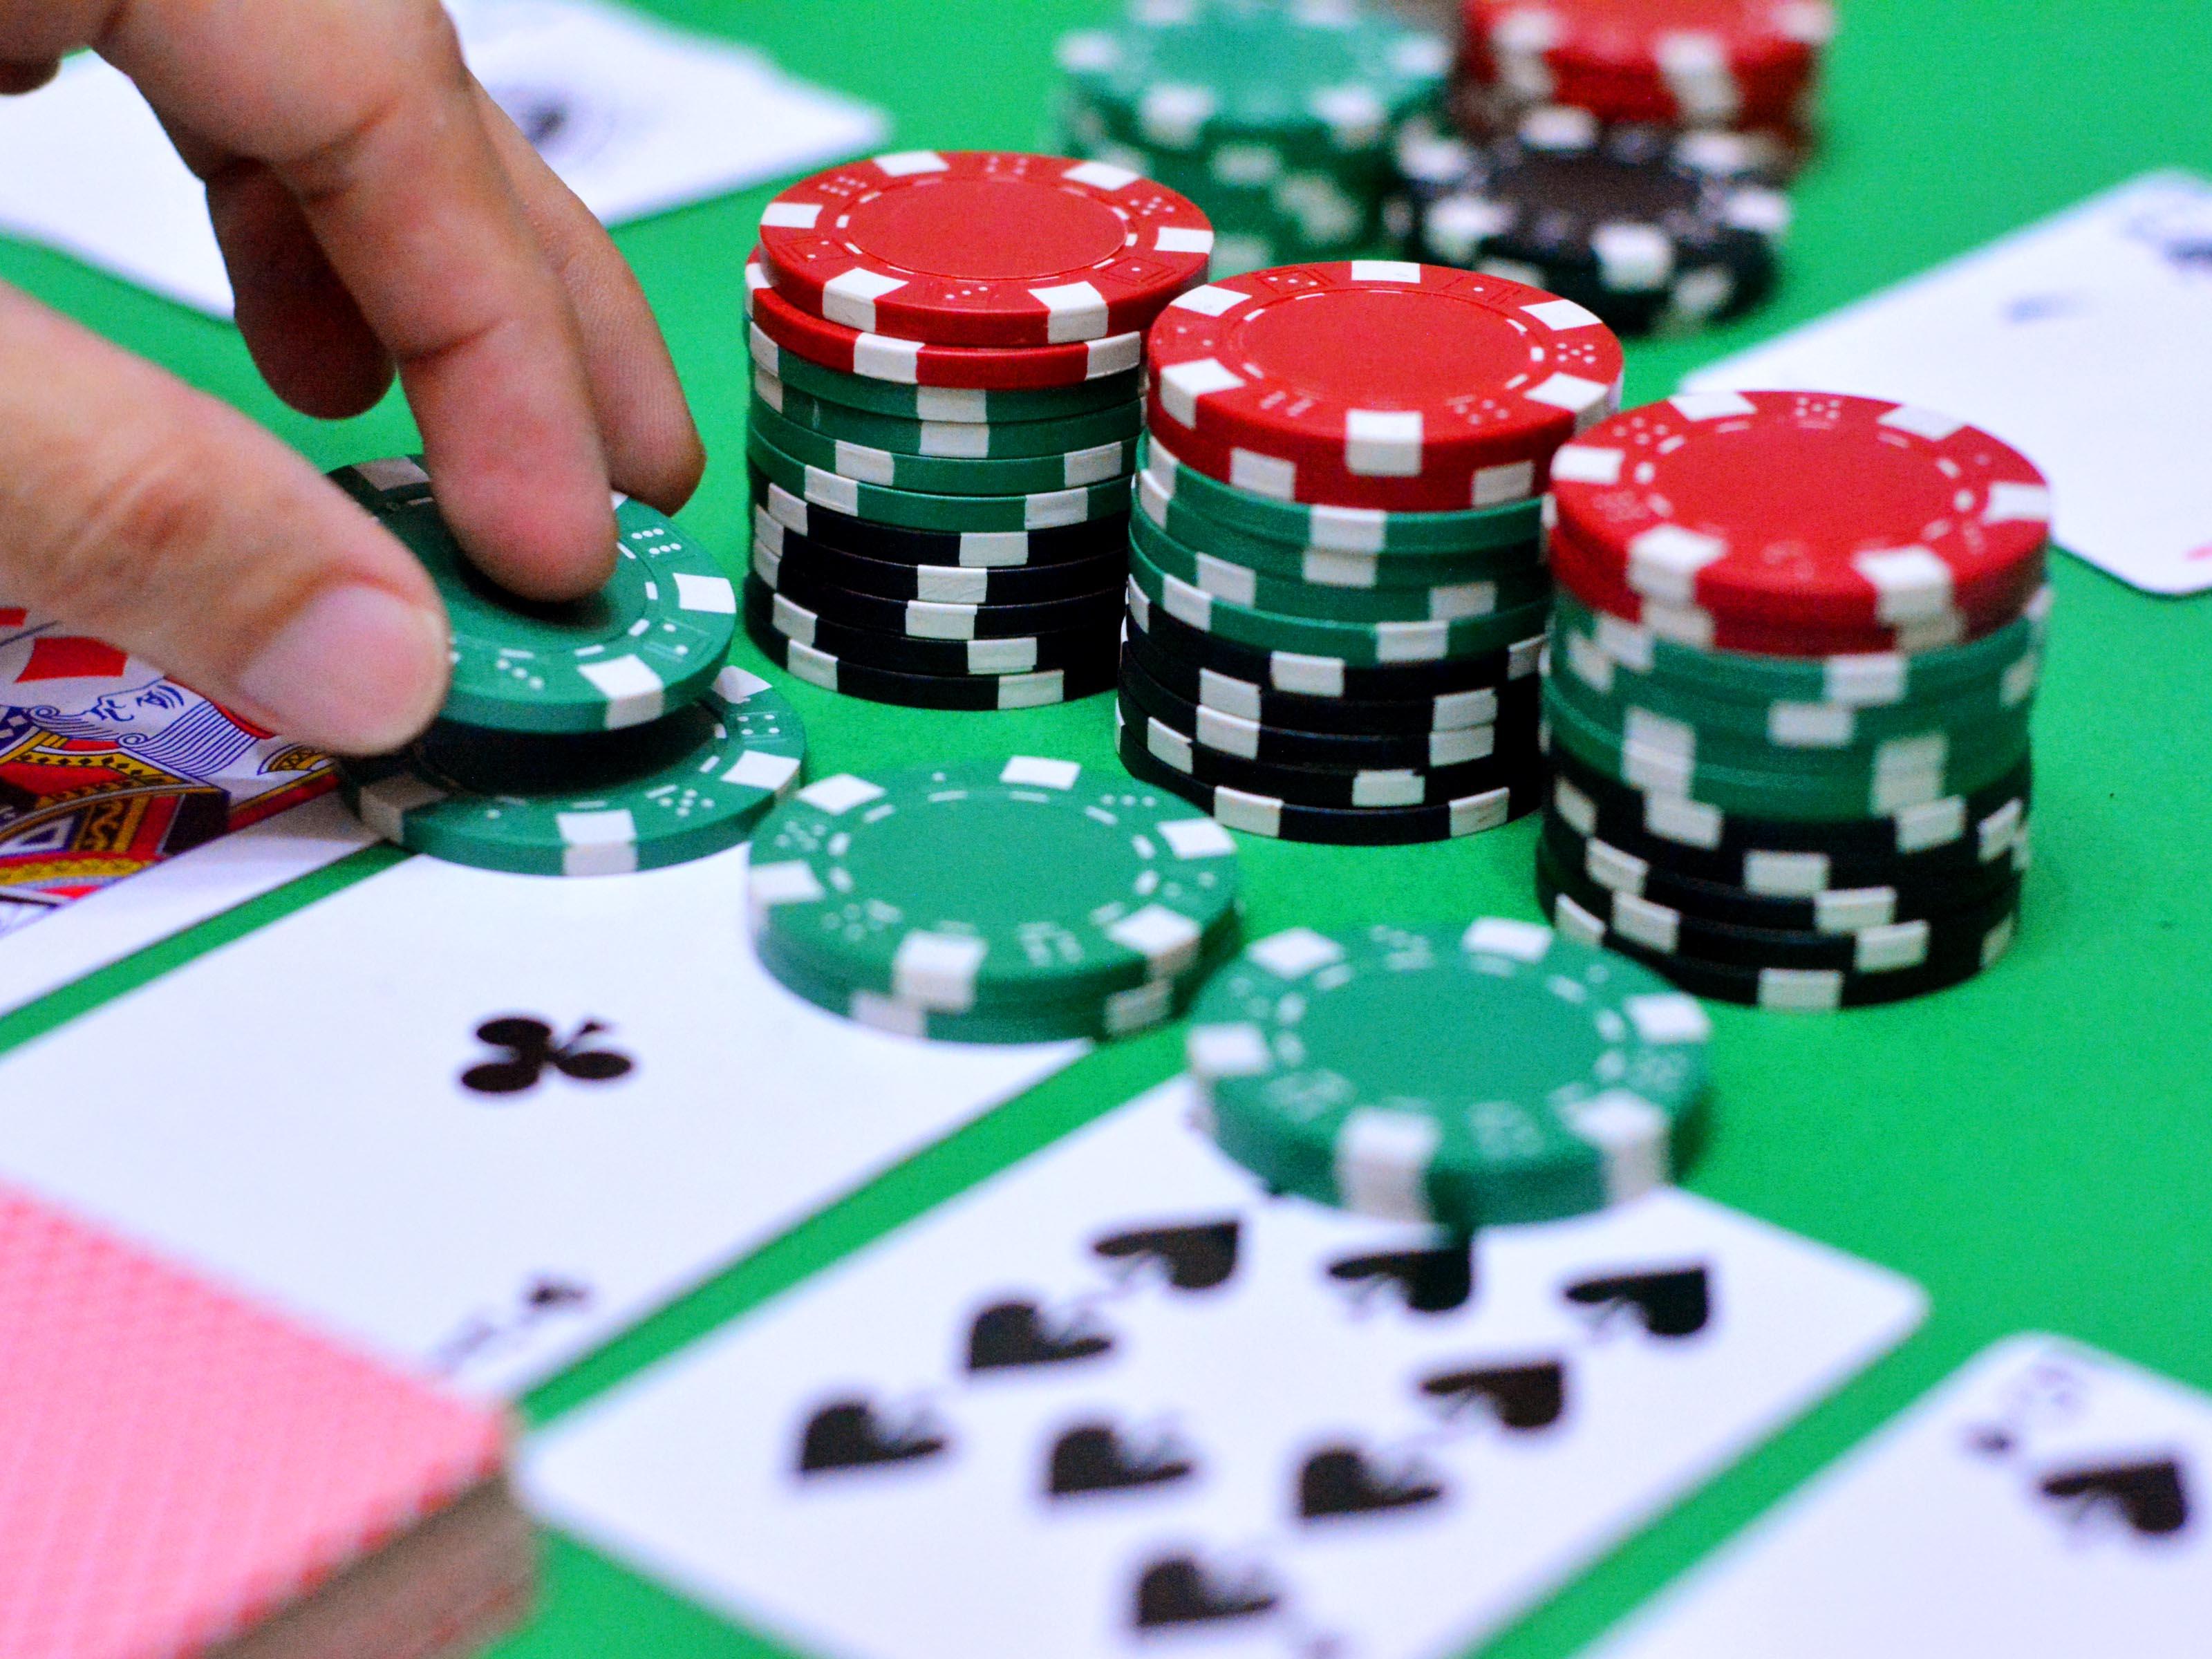 Стек фишек и карты для покера